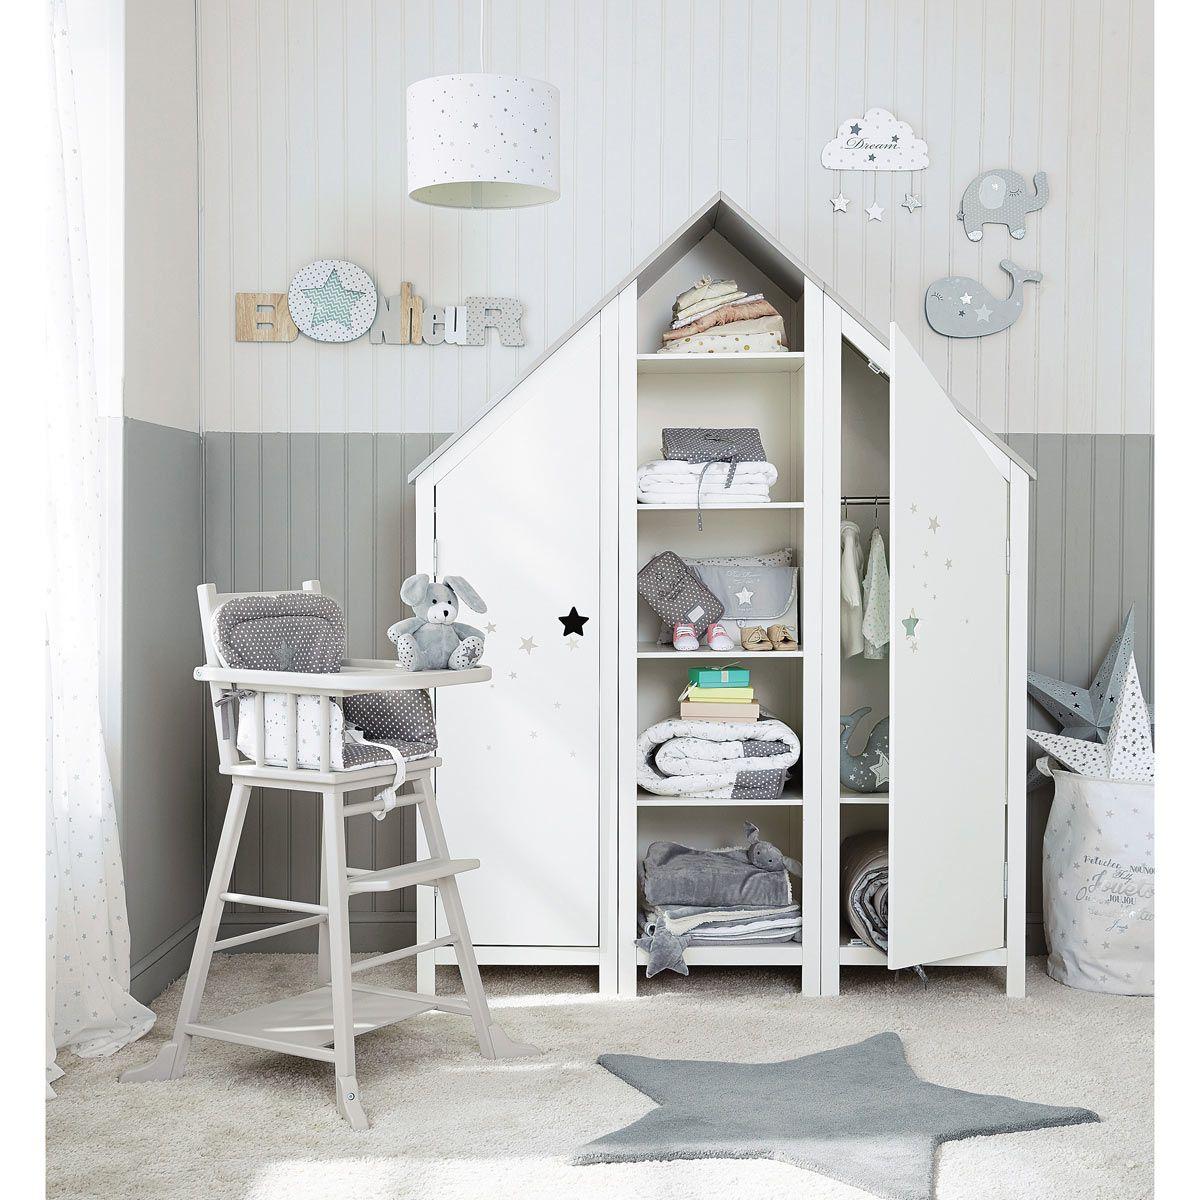 Armadio bianco in legno l 45 cm arredamento armadio bianco armadio camera bambino e armadio - Maison du monde camere da letto ...